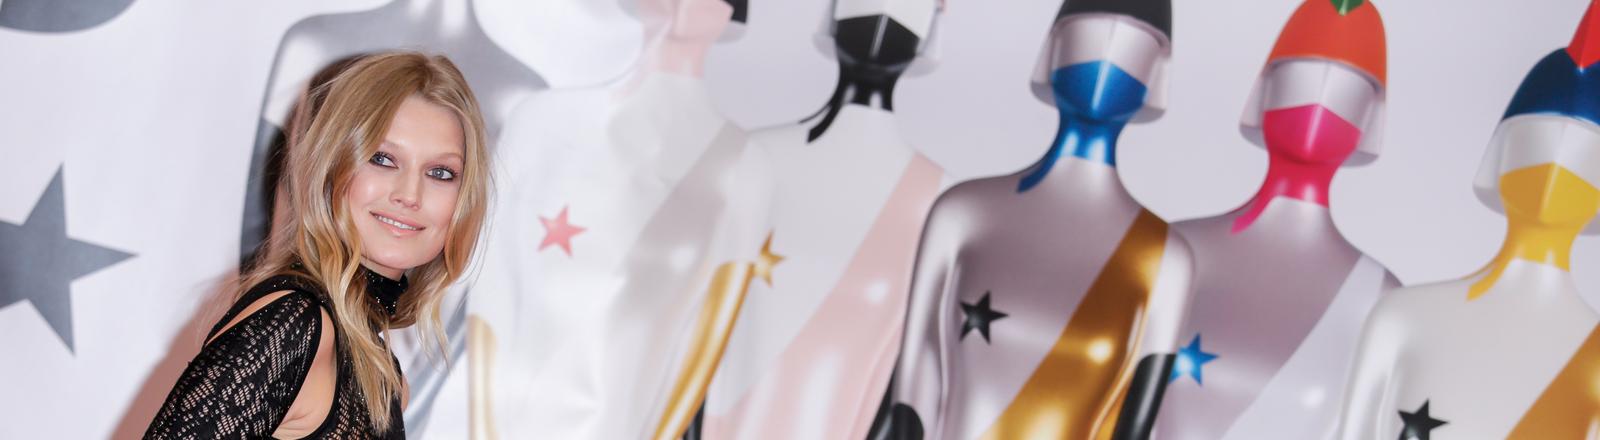 Toni Garrn bei den British Music Awards 2019 vor den Trophäen